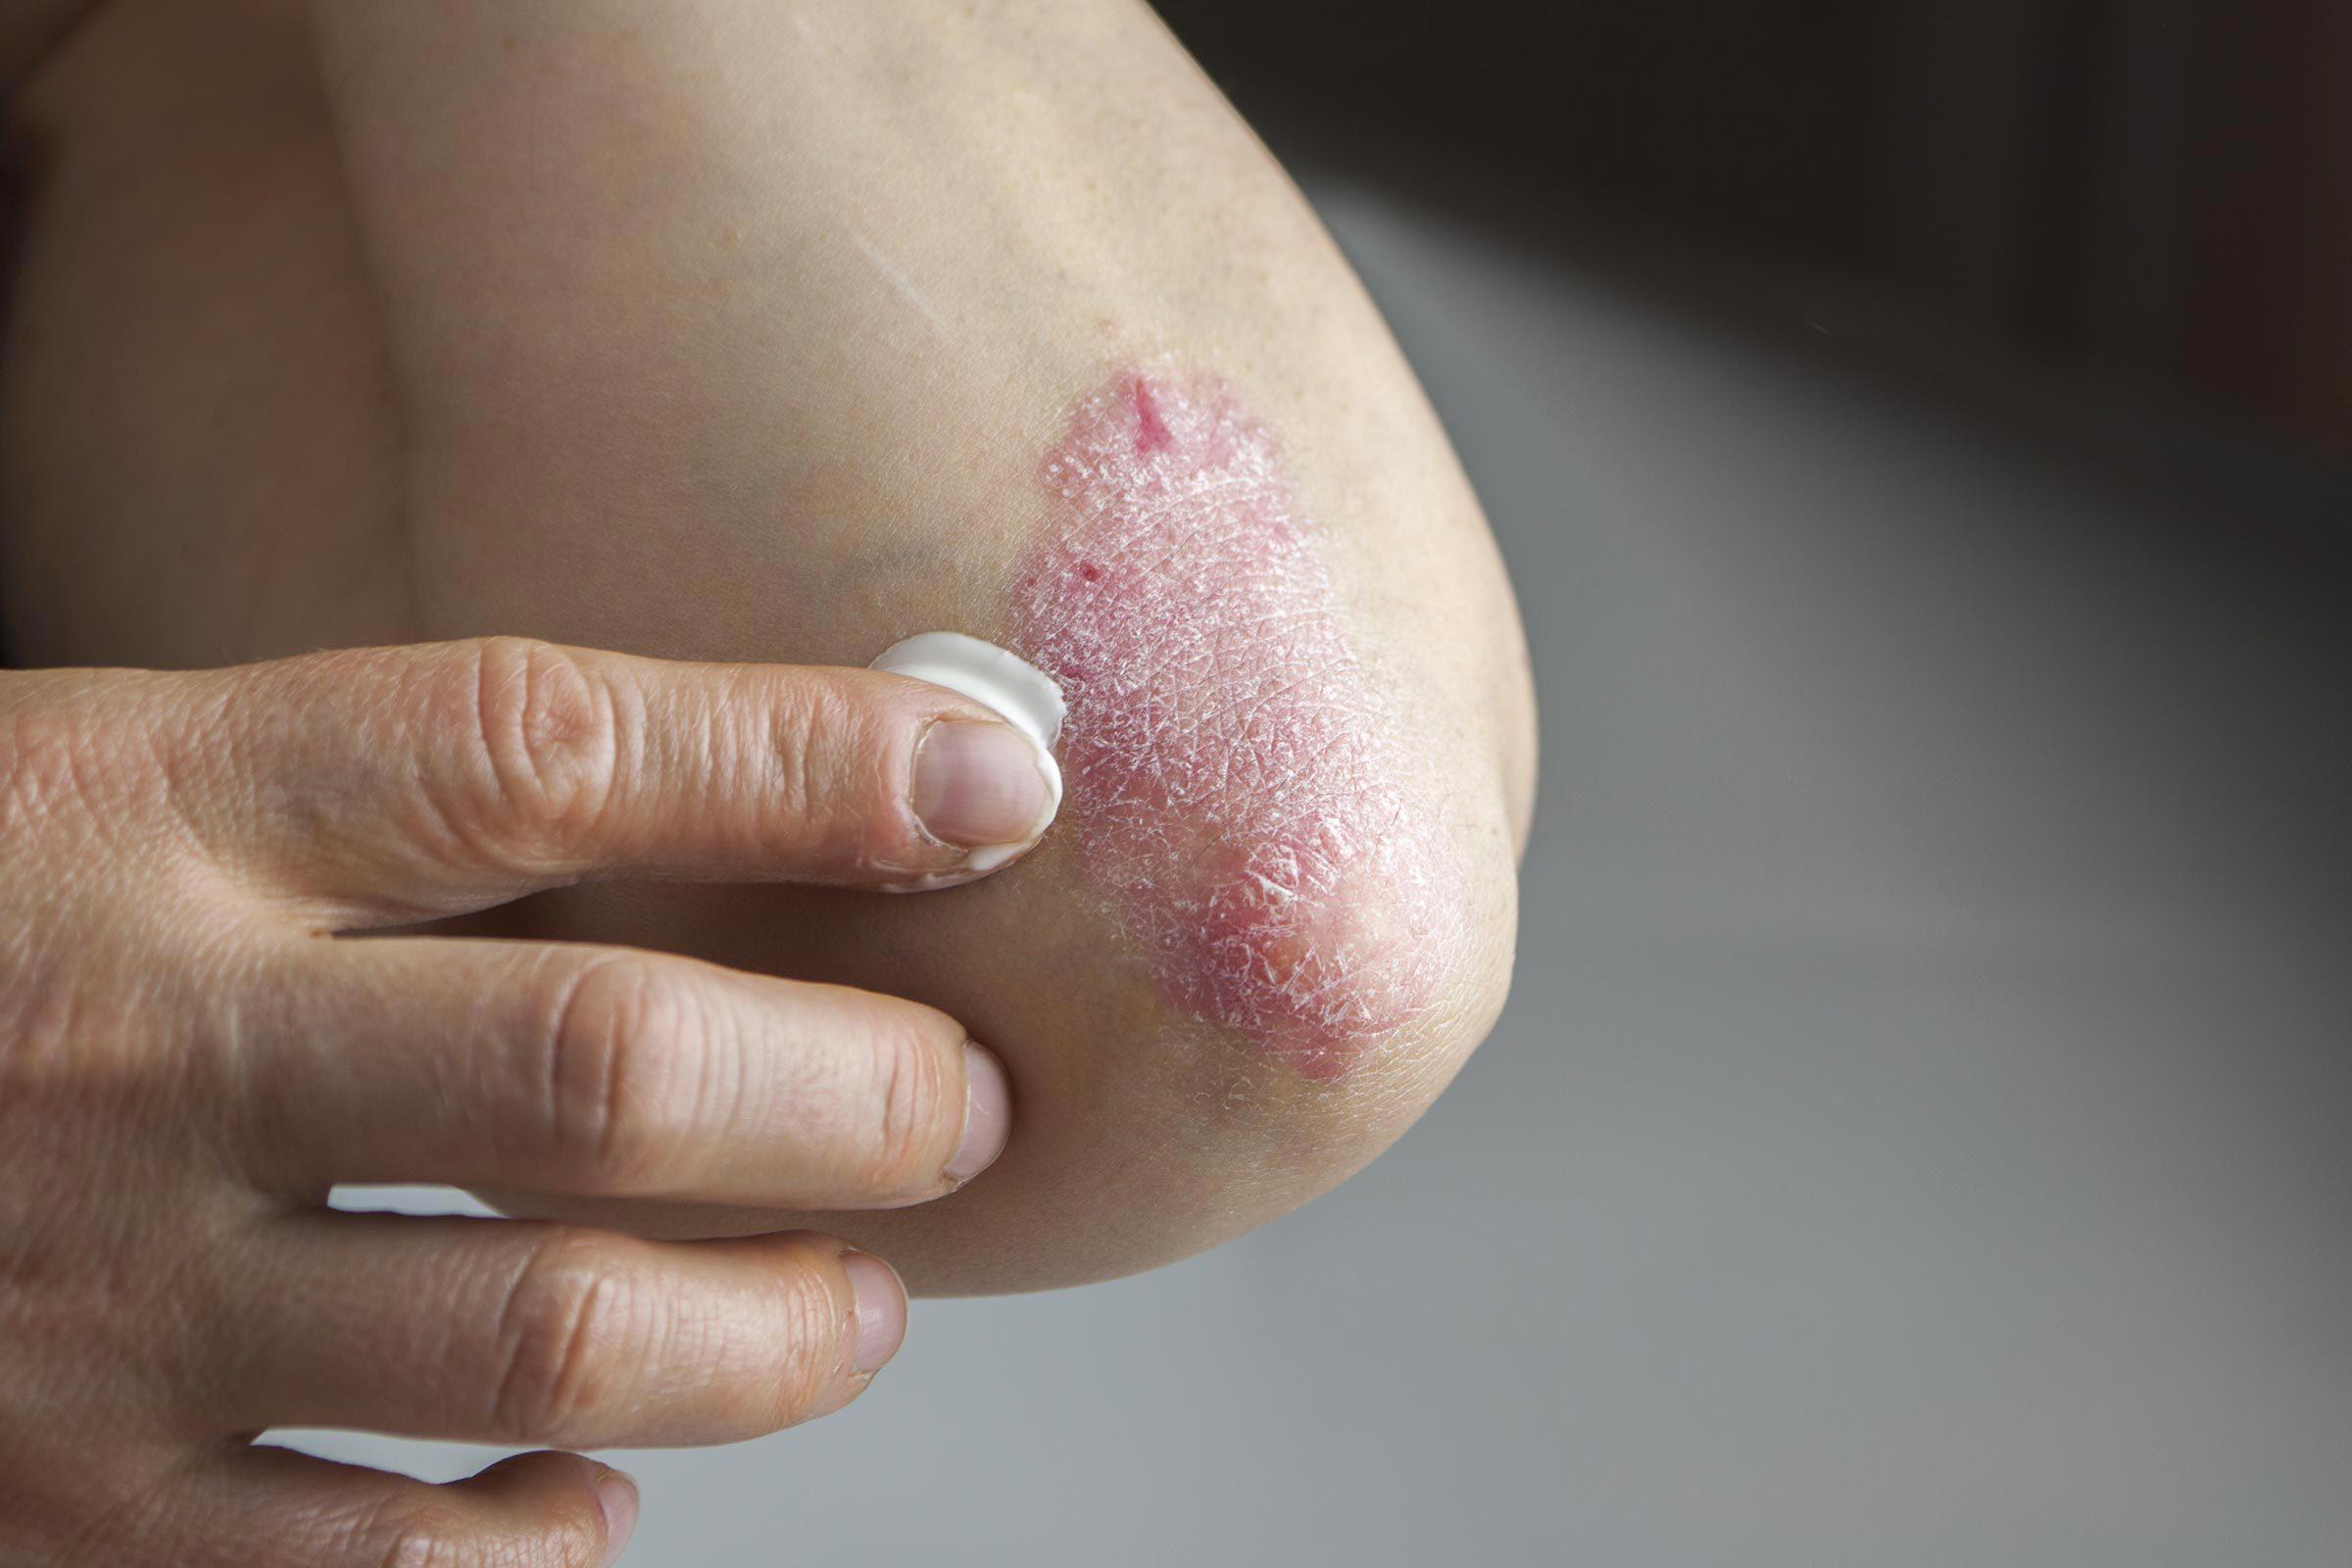 L'arthrite psoriasique est différente de l'arthrite rhumatoïde.